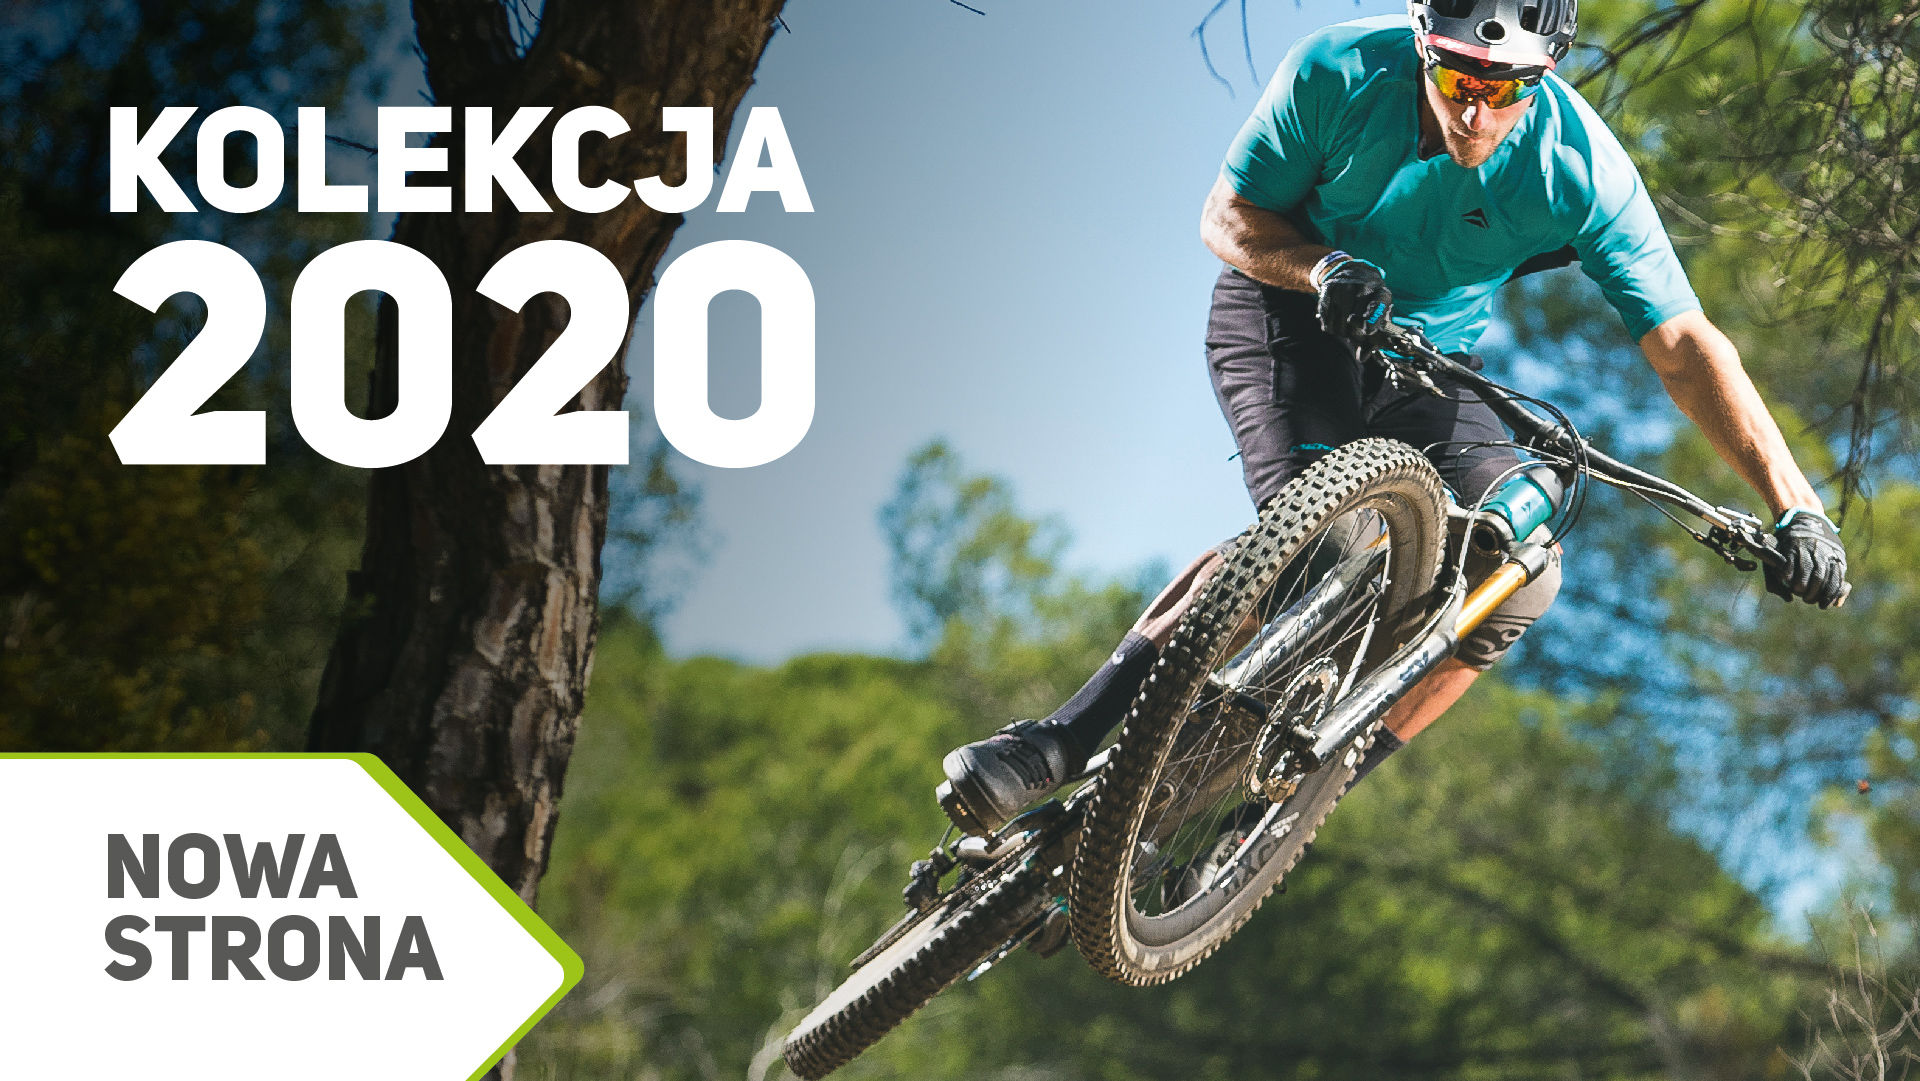 rowery Merida 2020, Merida bikes, Merida kolekcja 2020